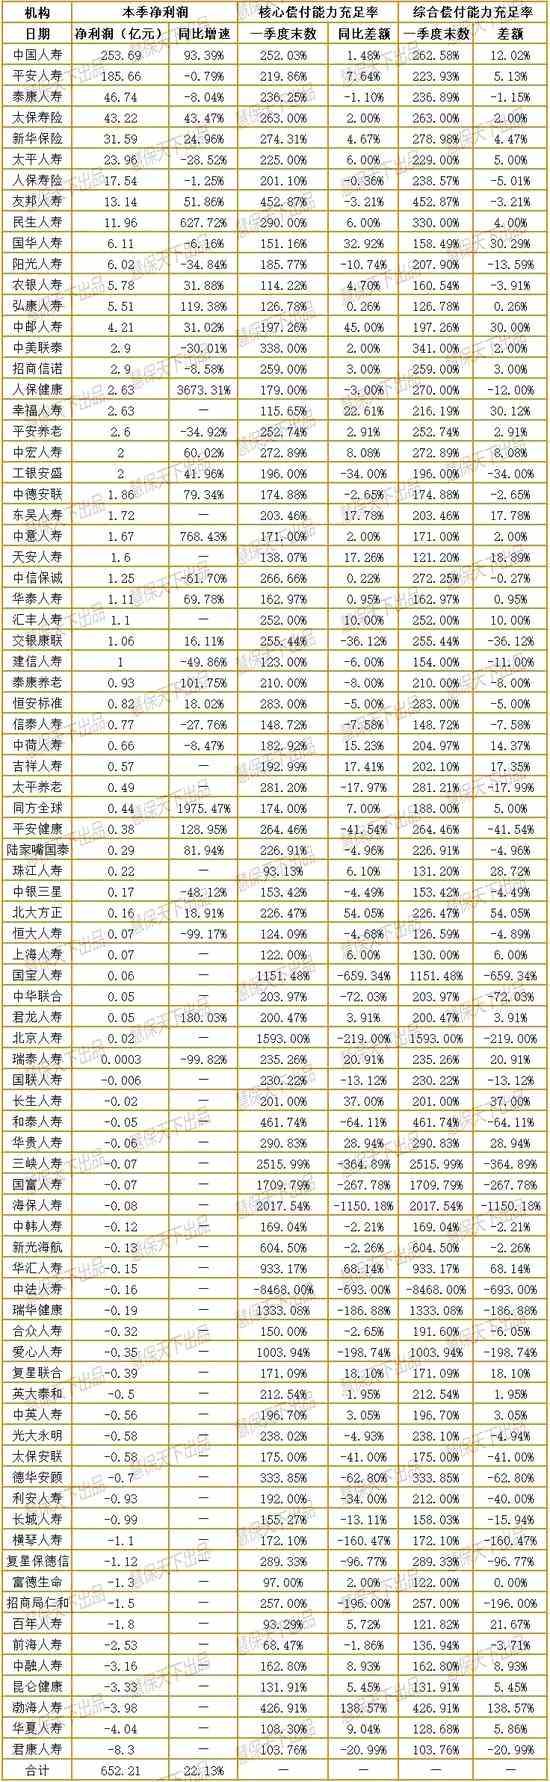 老七家1季度日赚6.5亿 君康、华夏等33险企亏近40亿